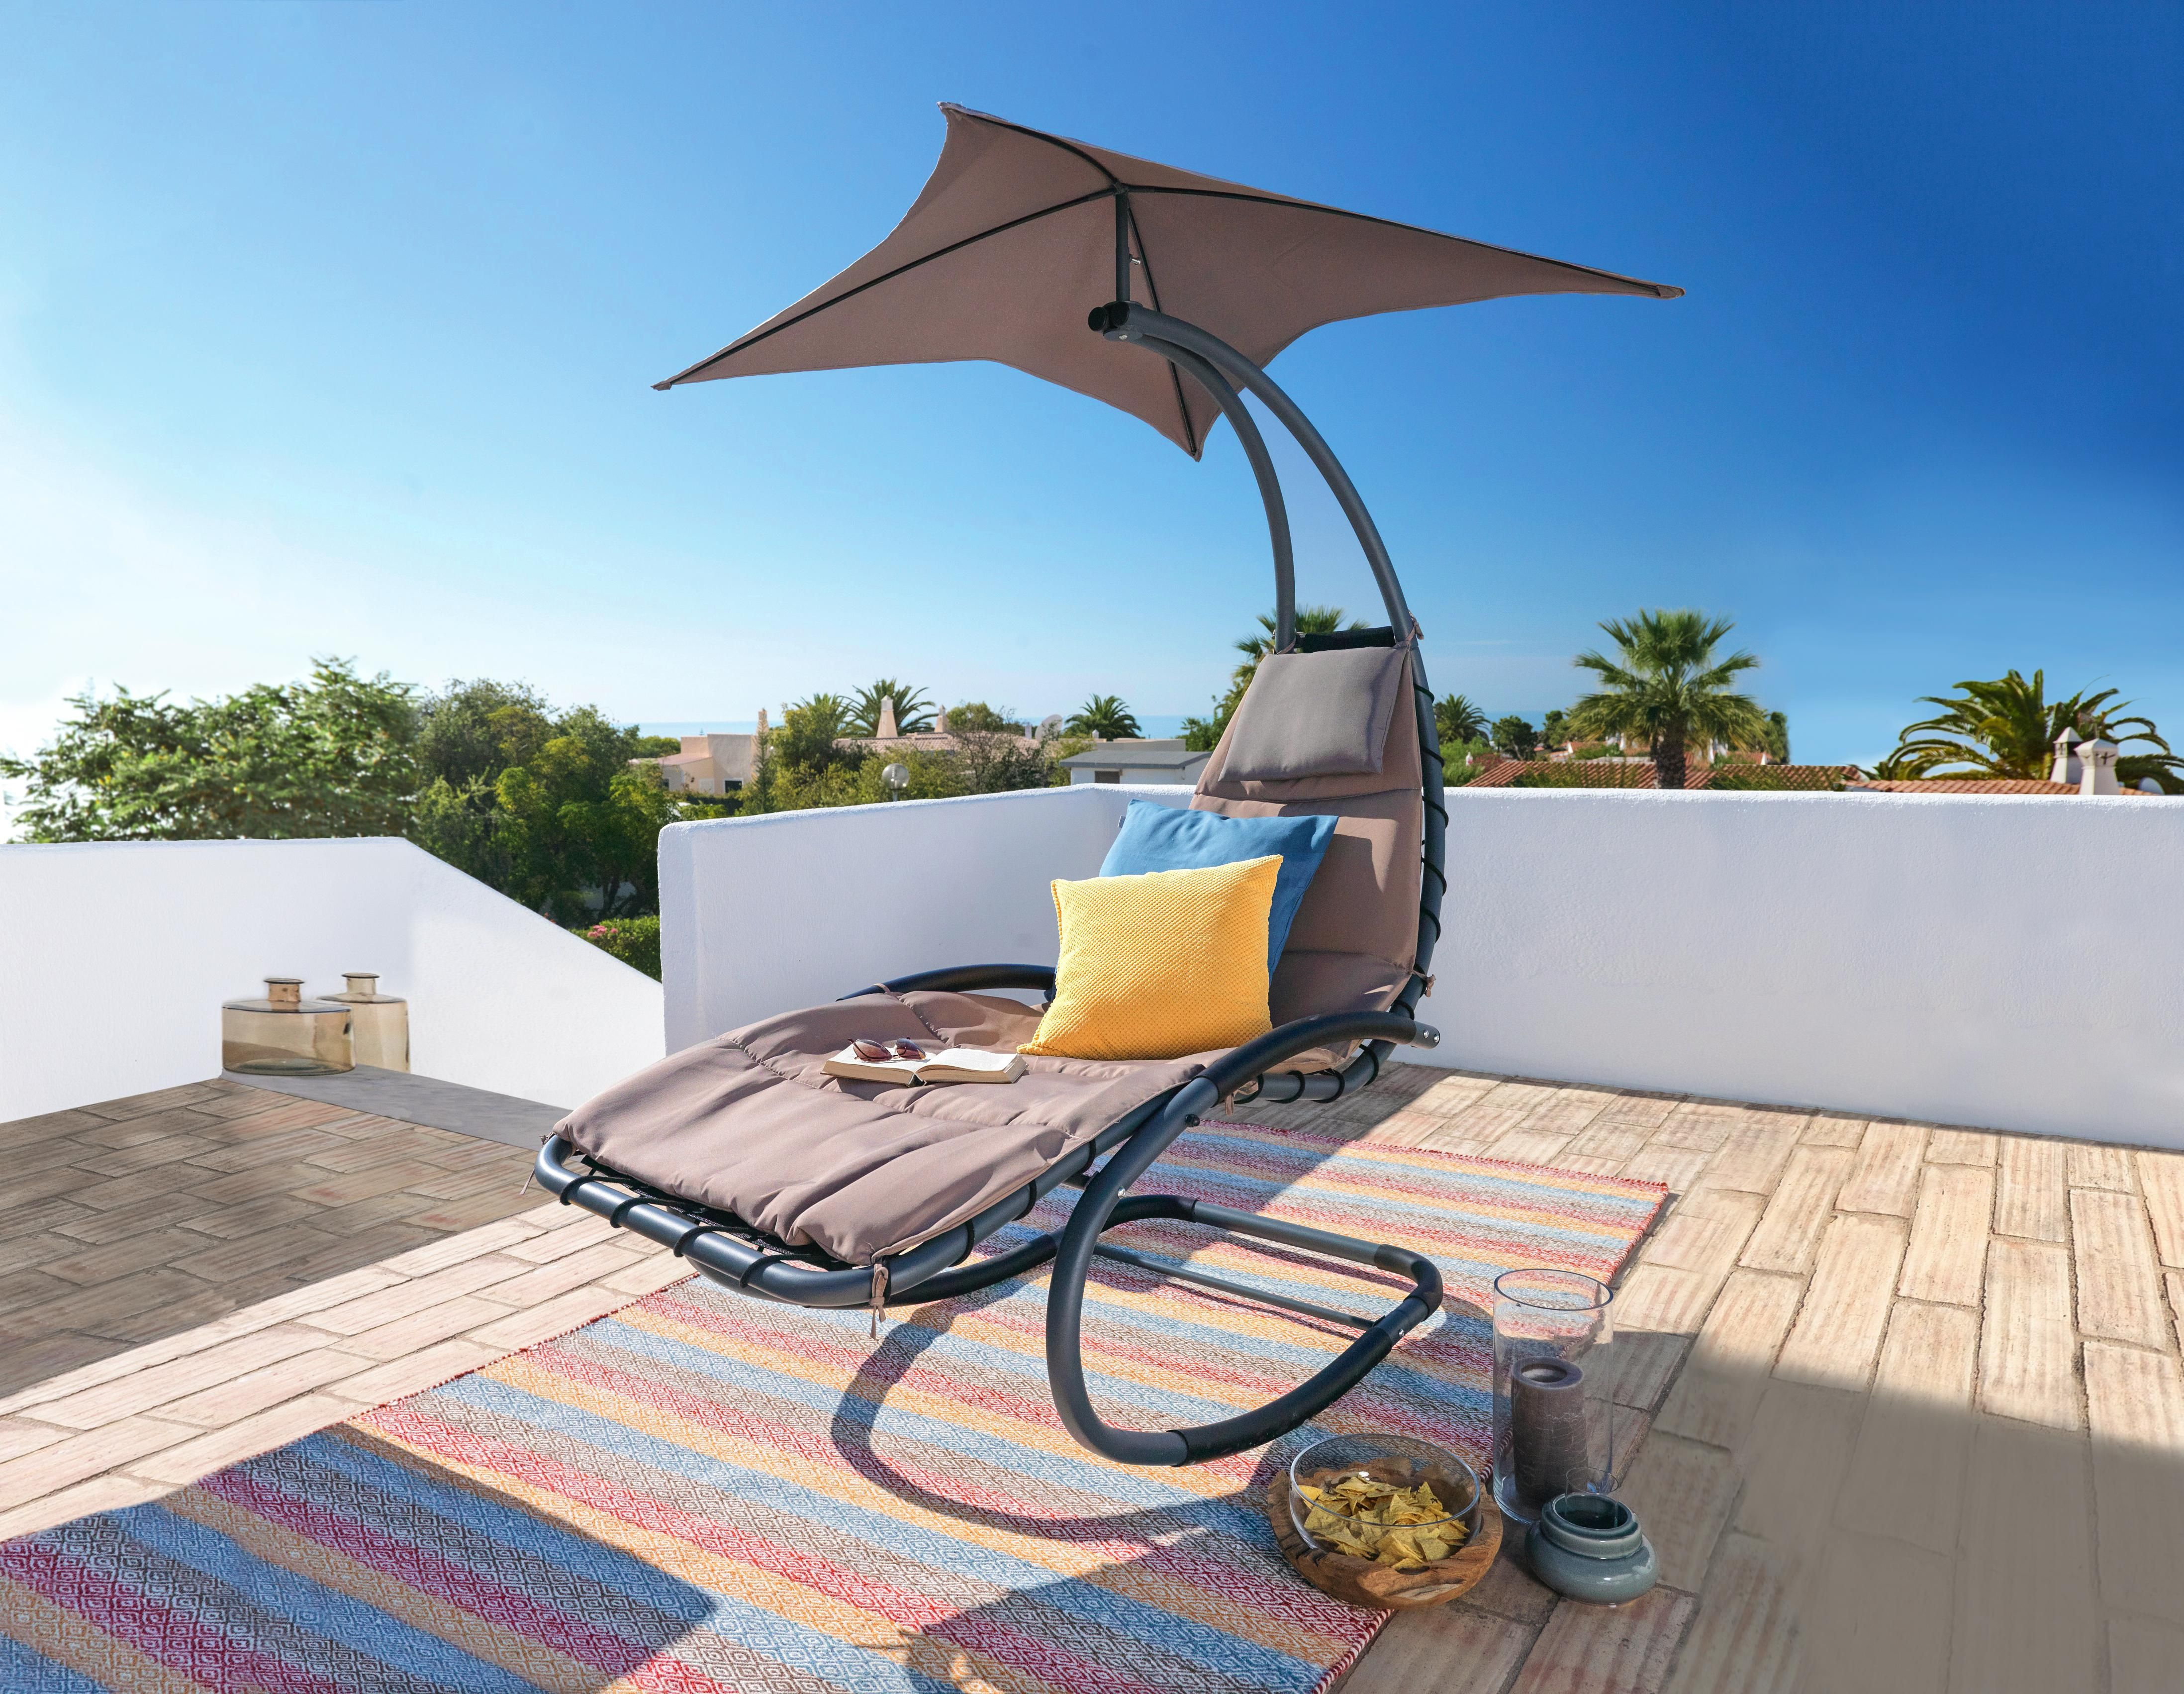 Gartenliege 84 175 166 Cm Online Kaufen Xxxlutz Gartenmobel Relaxliege Gartenliege